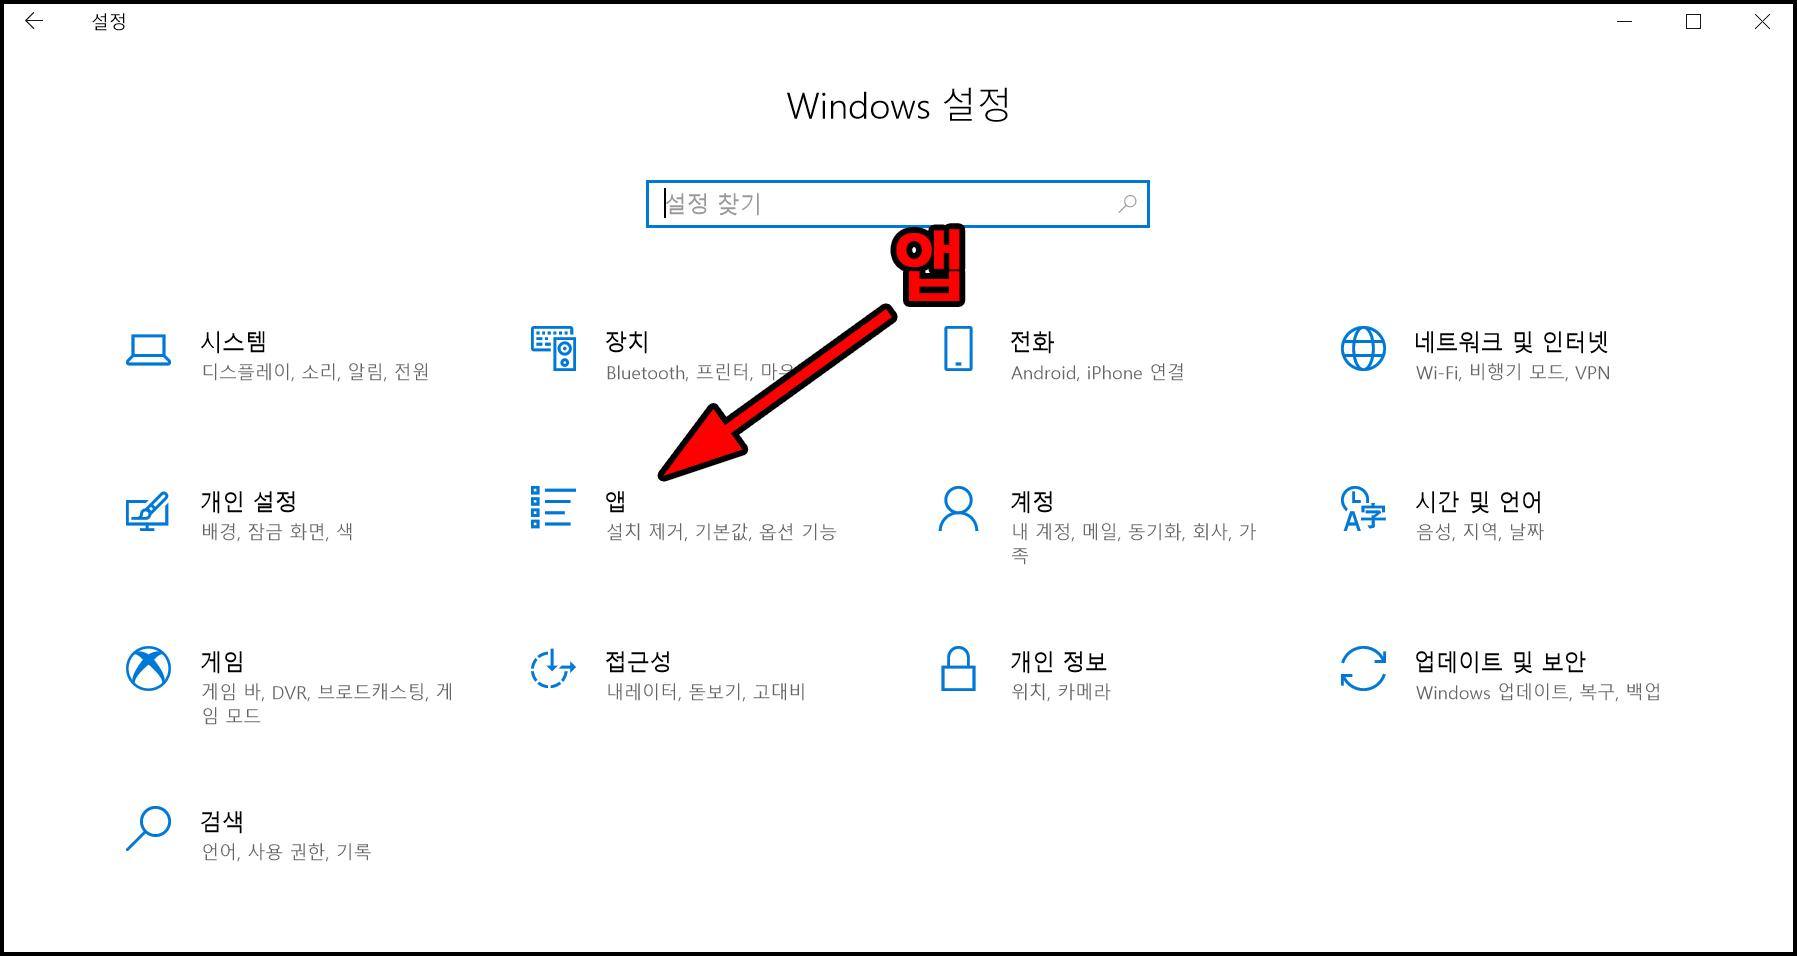 윈도우10 설정 화면 - 앱